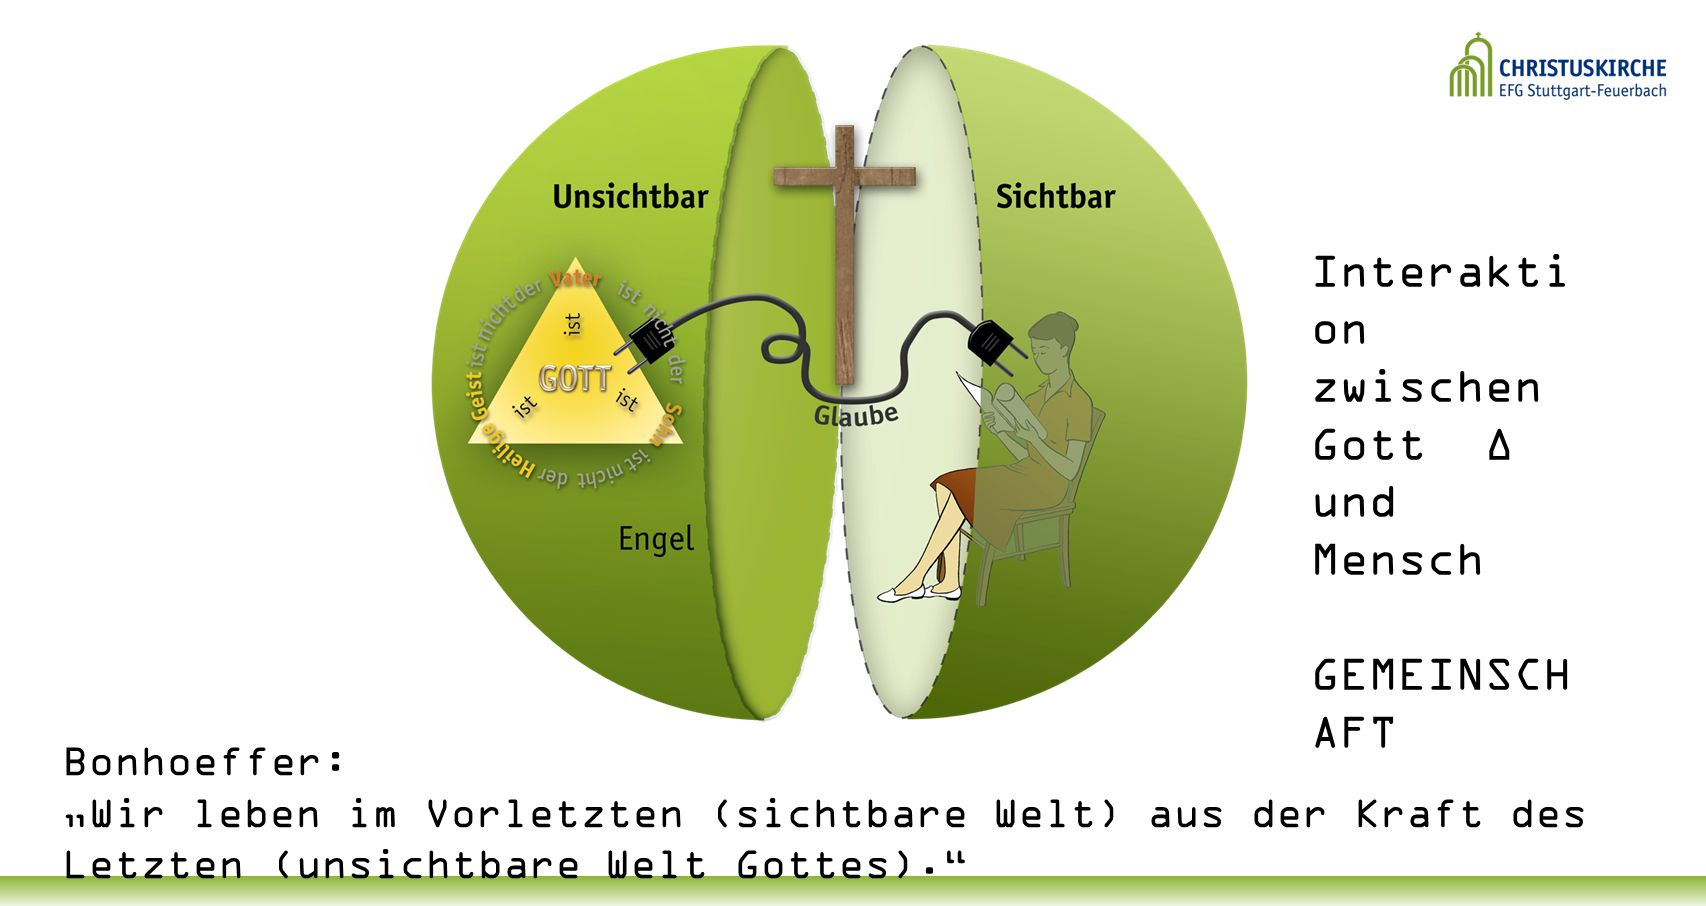 Interaktion zwischen Gott ∆ und Mensch GEMEINSCHAFT Bonhoeffer: